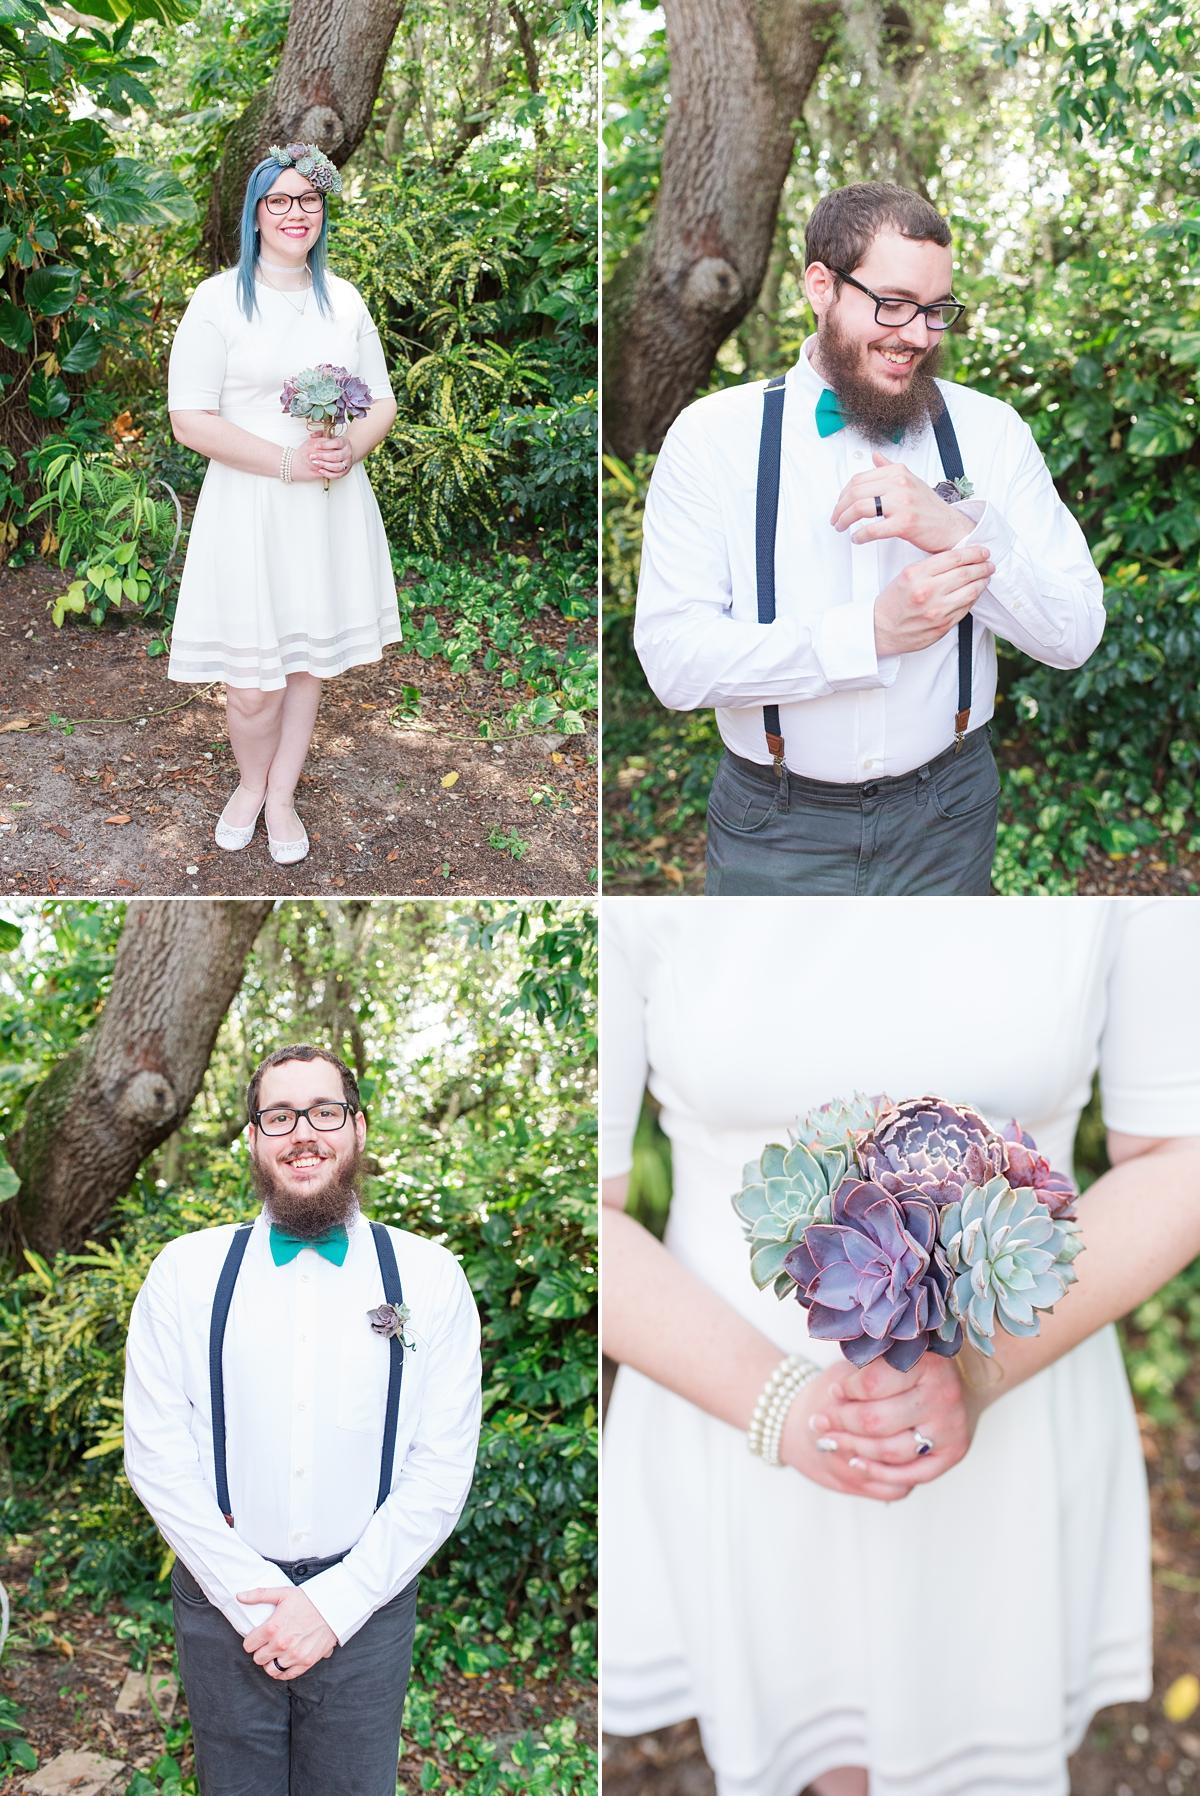 Titusville Florida Wedding_Elopement Photos_Blue Hair_Succulent Bouquet_Elopement Inspiration_16.jpg